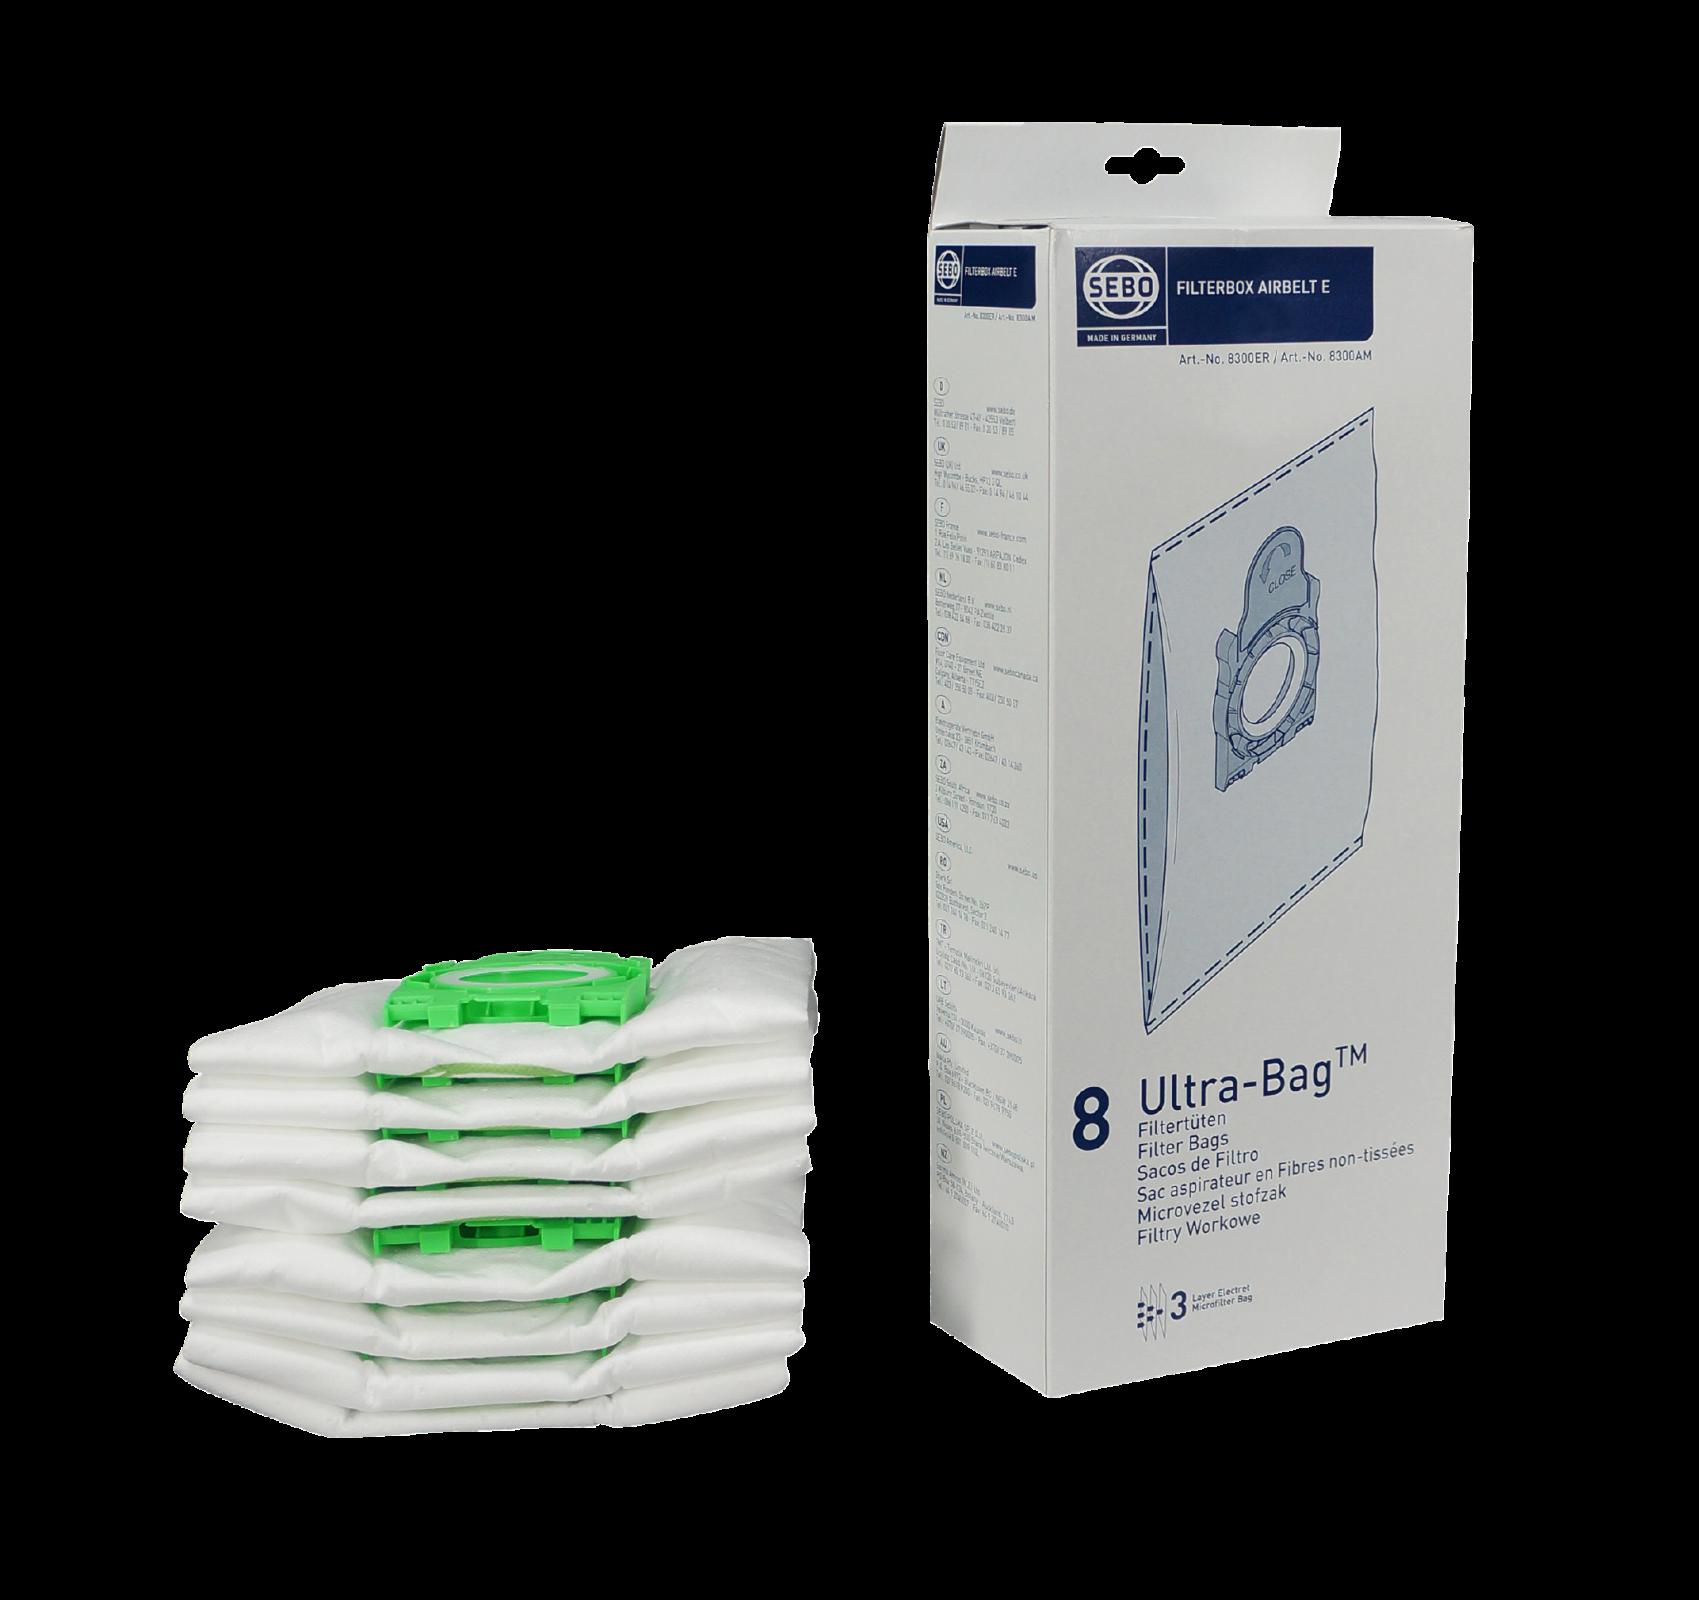 Sebo Vacuum Bags Airbelt E (9 Box Carton)